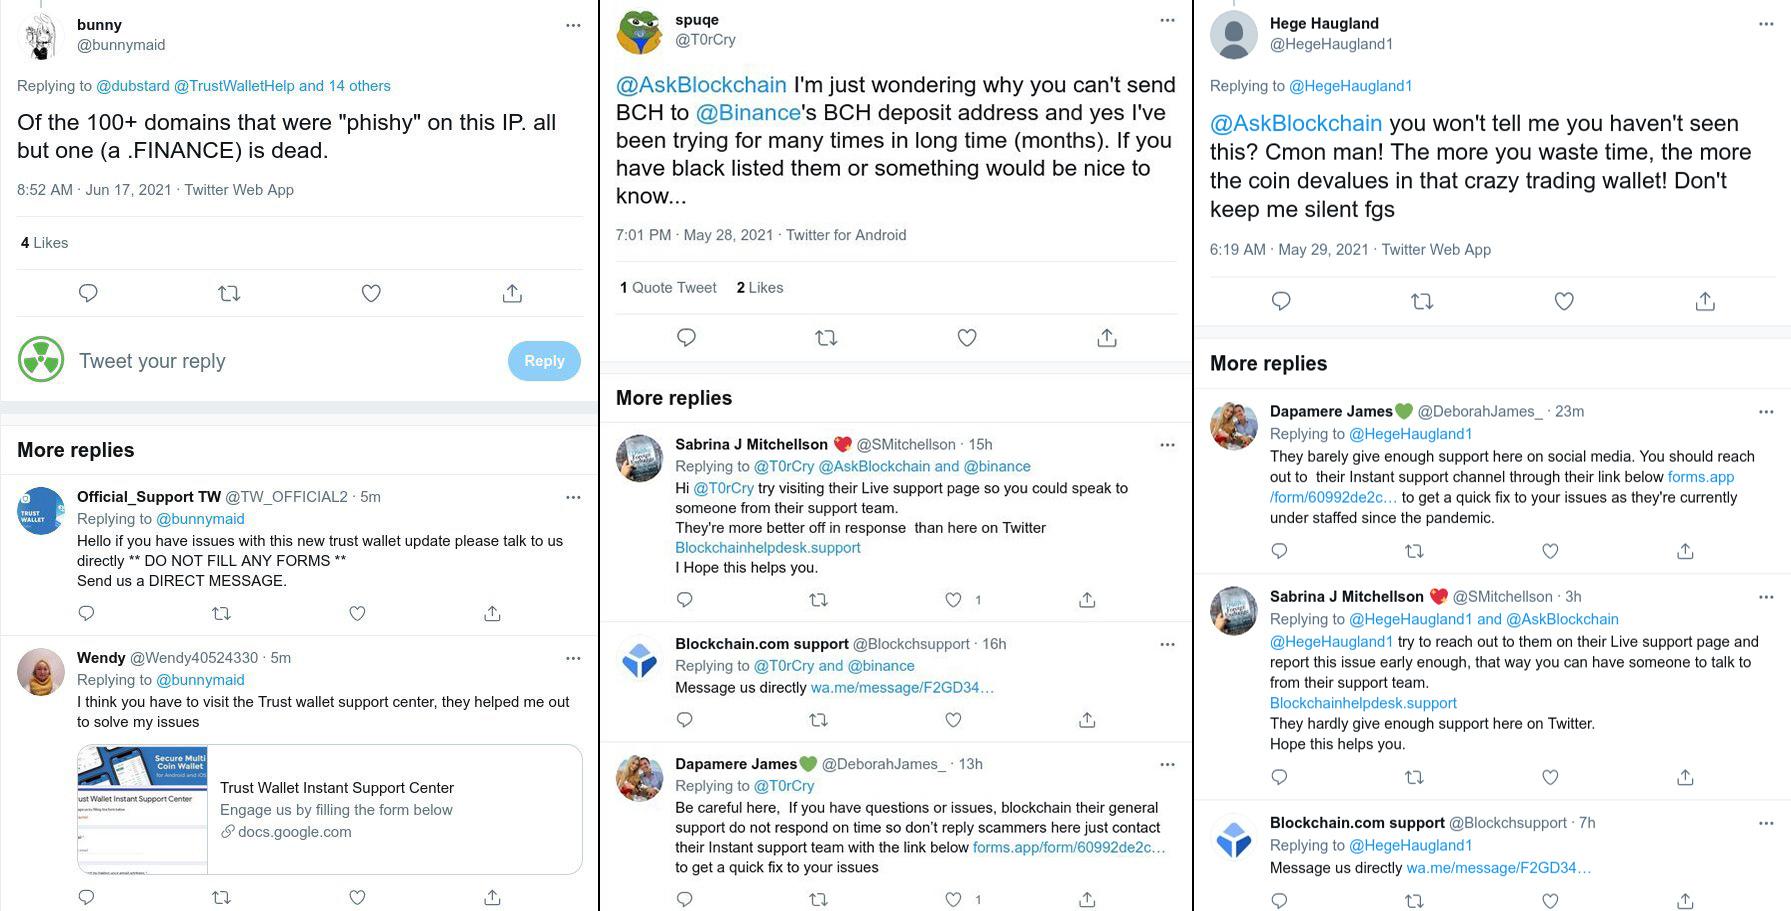 Мошенники притворяются сотрудниками Blockchain и Trustwallet в Twitter, чтобы обмануть пользователей через личные сообщения, или прикидываются добрыми людьми, размещая ссылки на поддельные сайты поддержки. Авторство скриншотов: @Malwarehunterteam